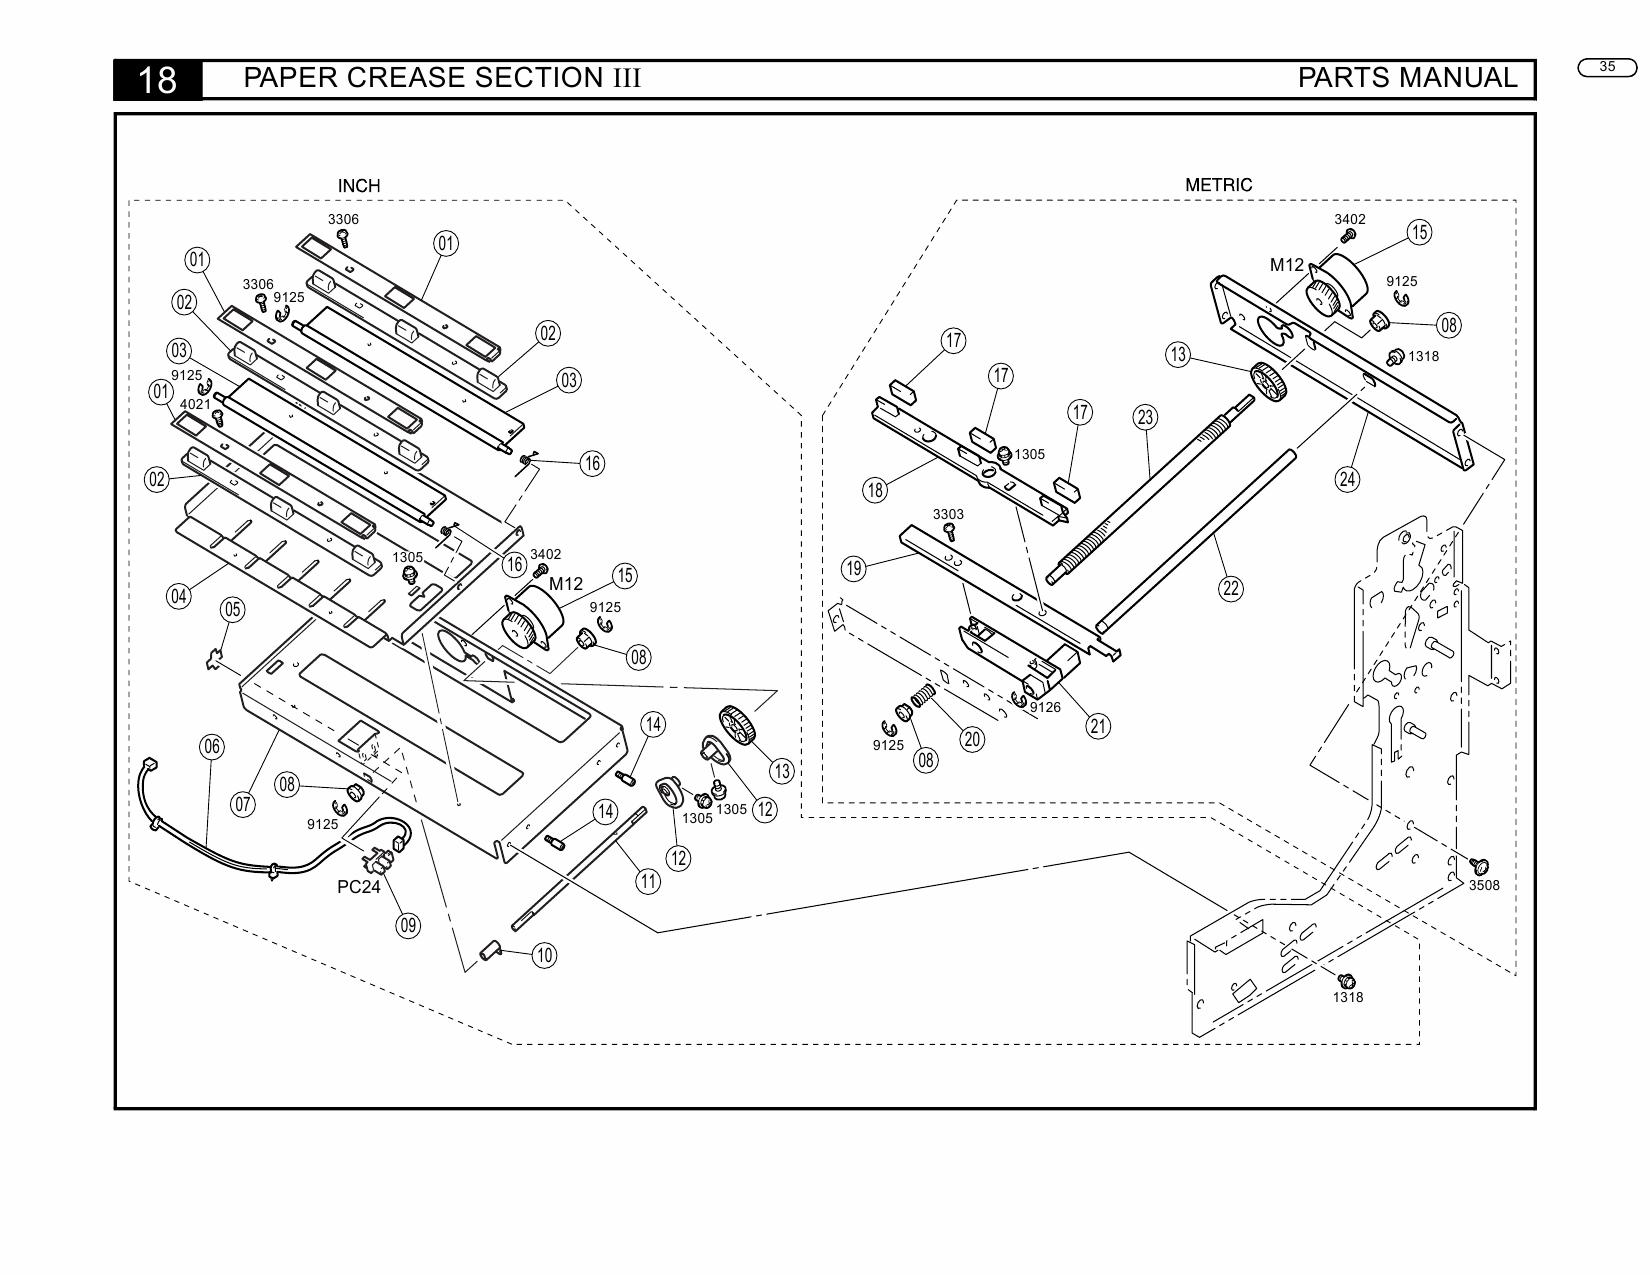 Konica-Minolta Options FN-3 Parts Manual